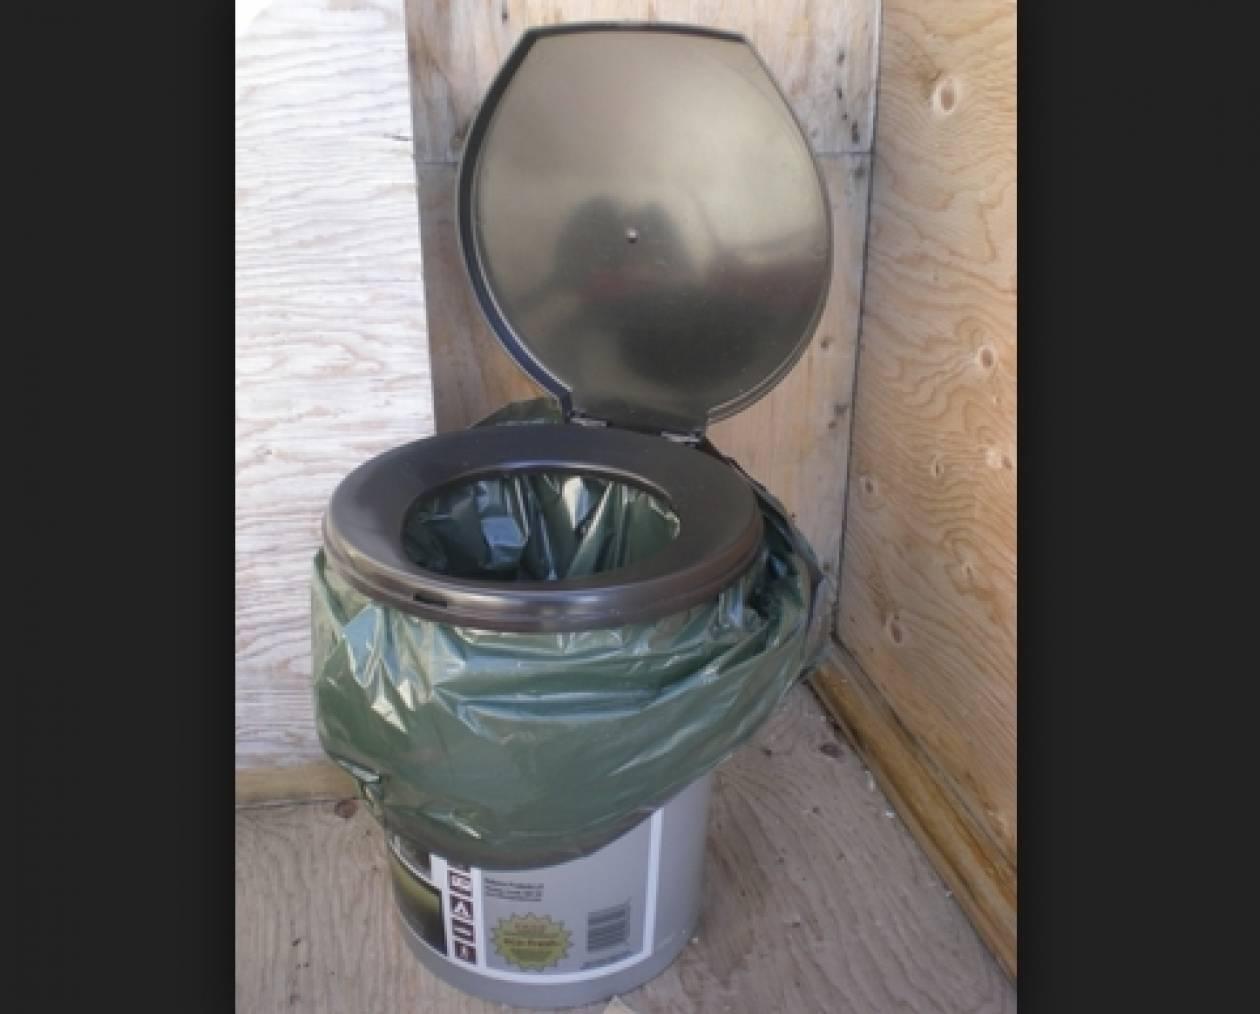 Σοκ: Ιce bucket σε αυτιστικό με κουβά γεμάτο περιττώματα (βίντεο)